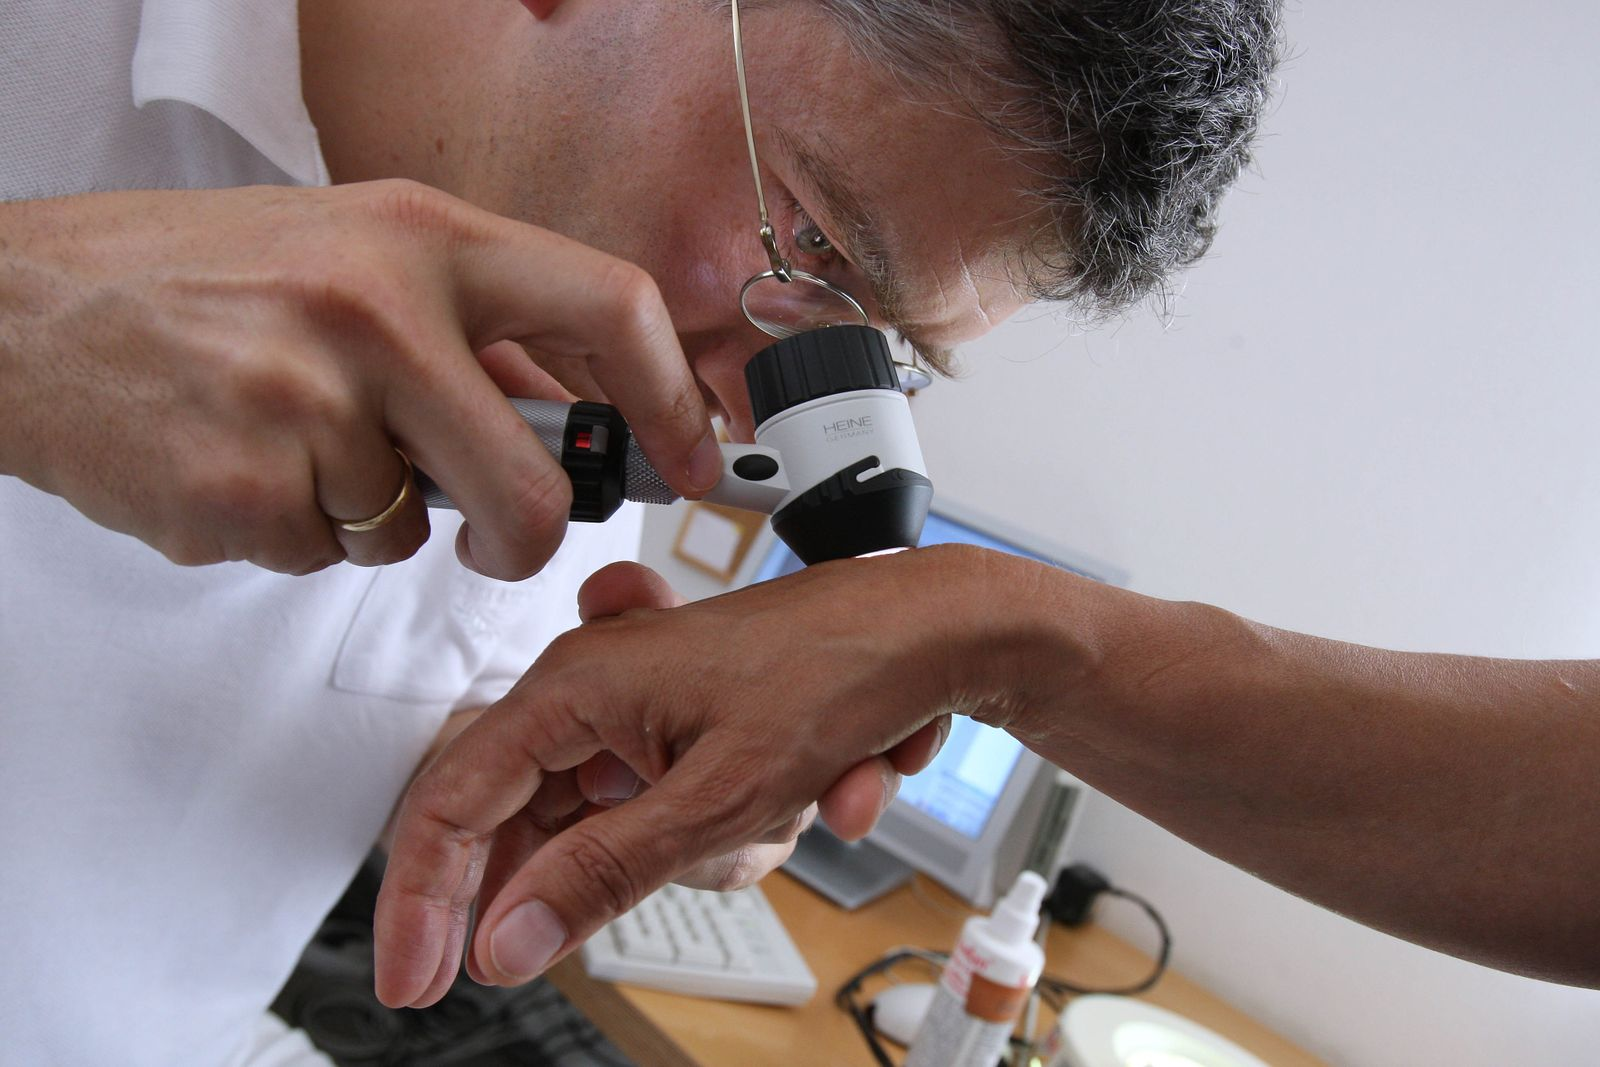 NUR FÜR SPAM Untersuchung beim Hautarzt